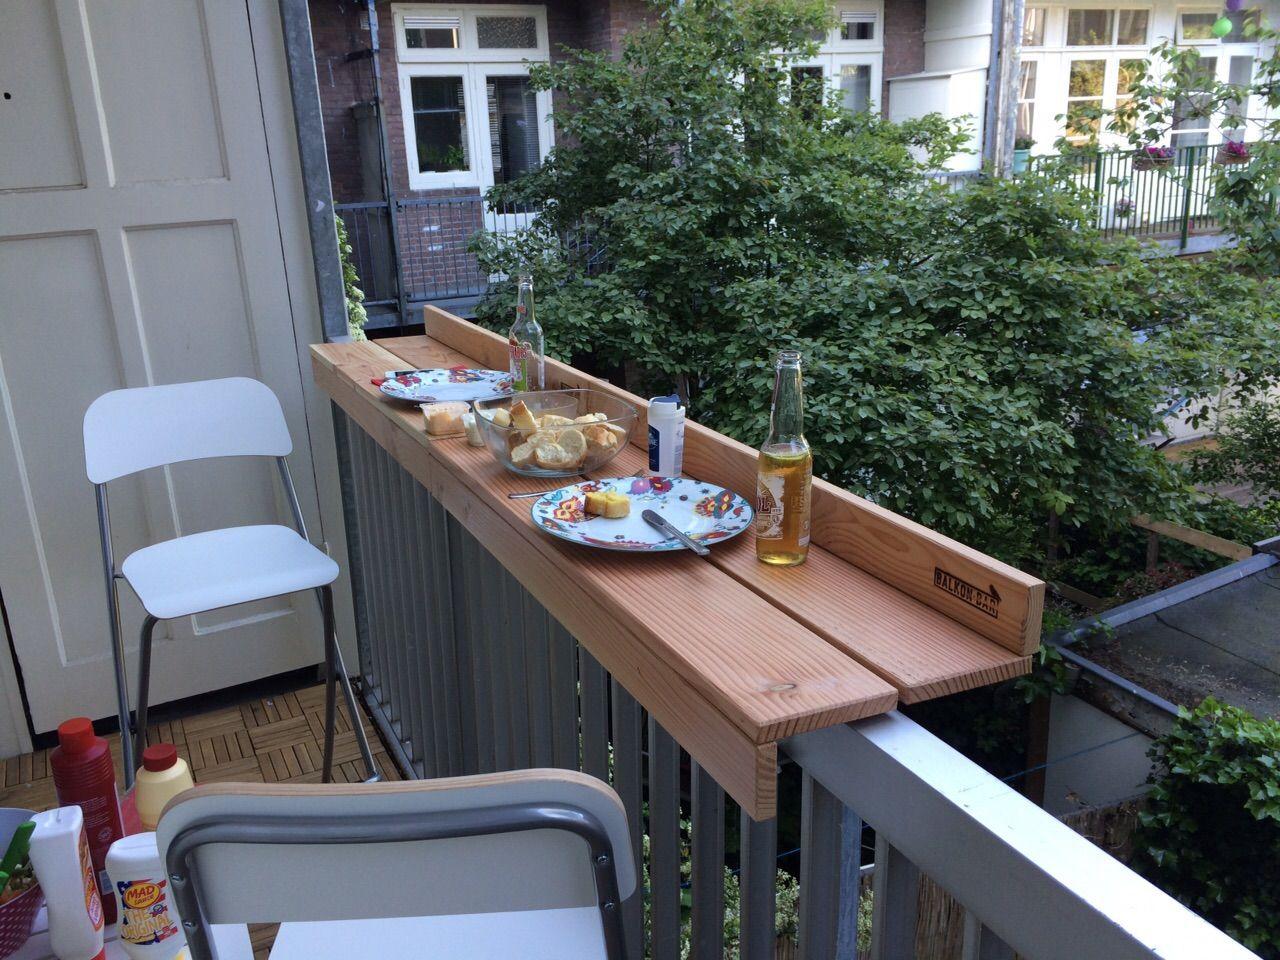 Buiten eten kan met de balkonbar zelfs op een klein balkon home